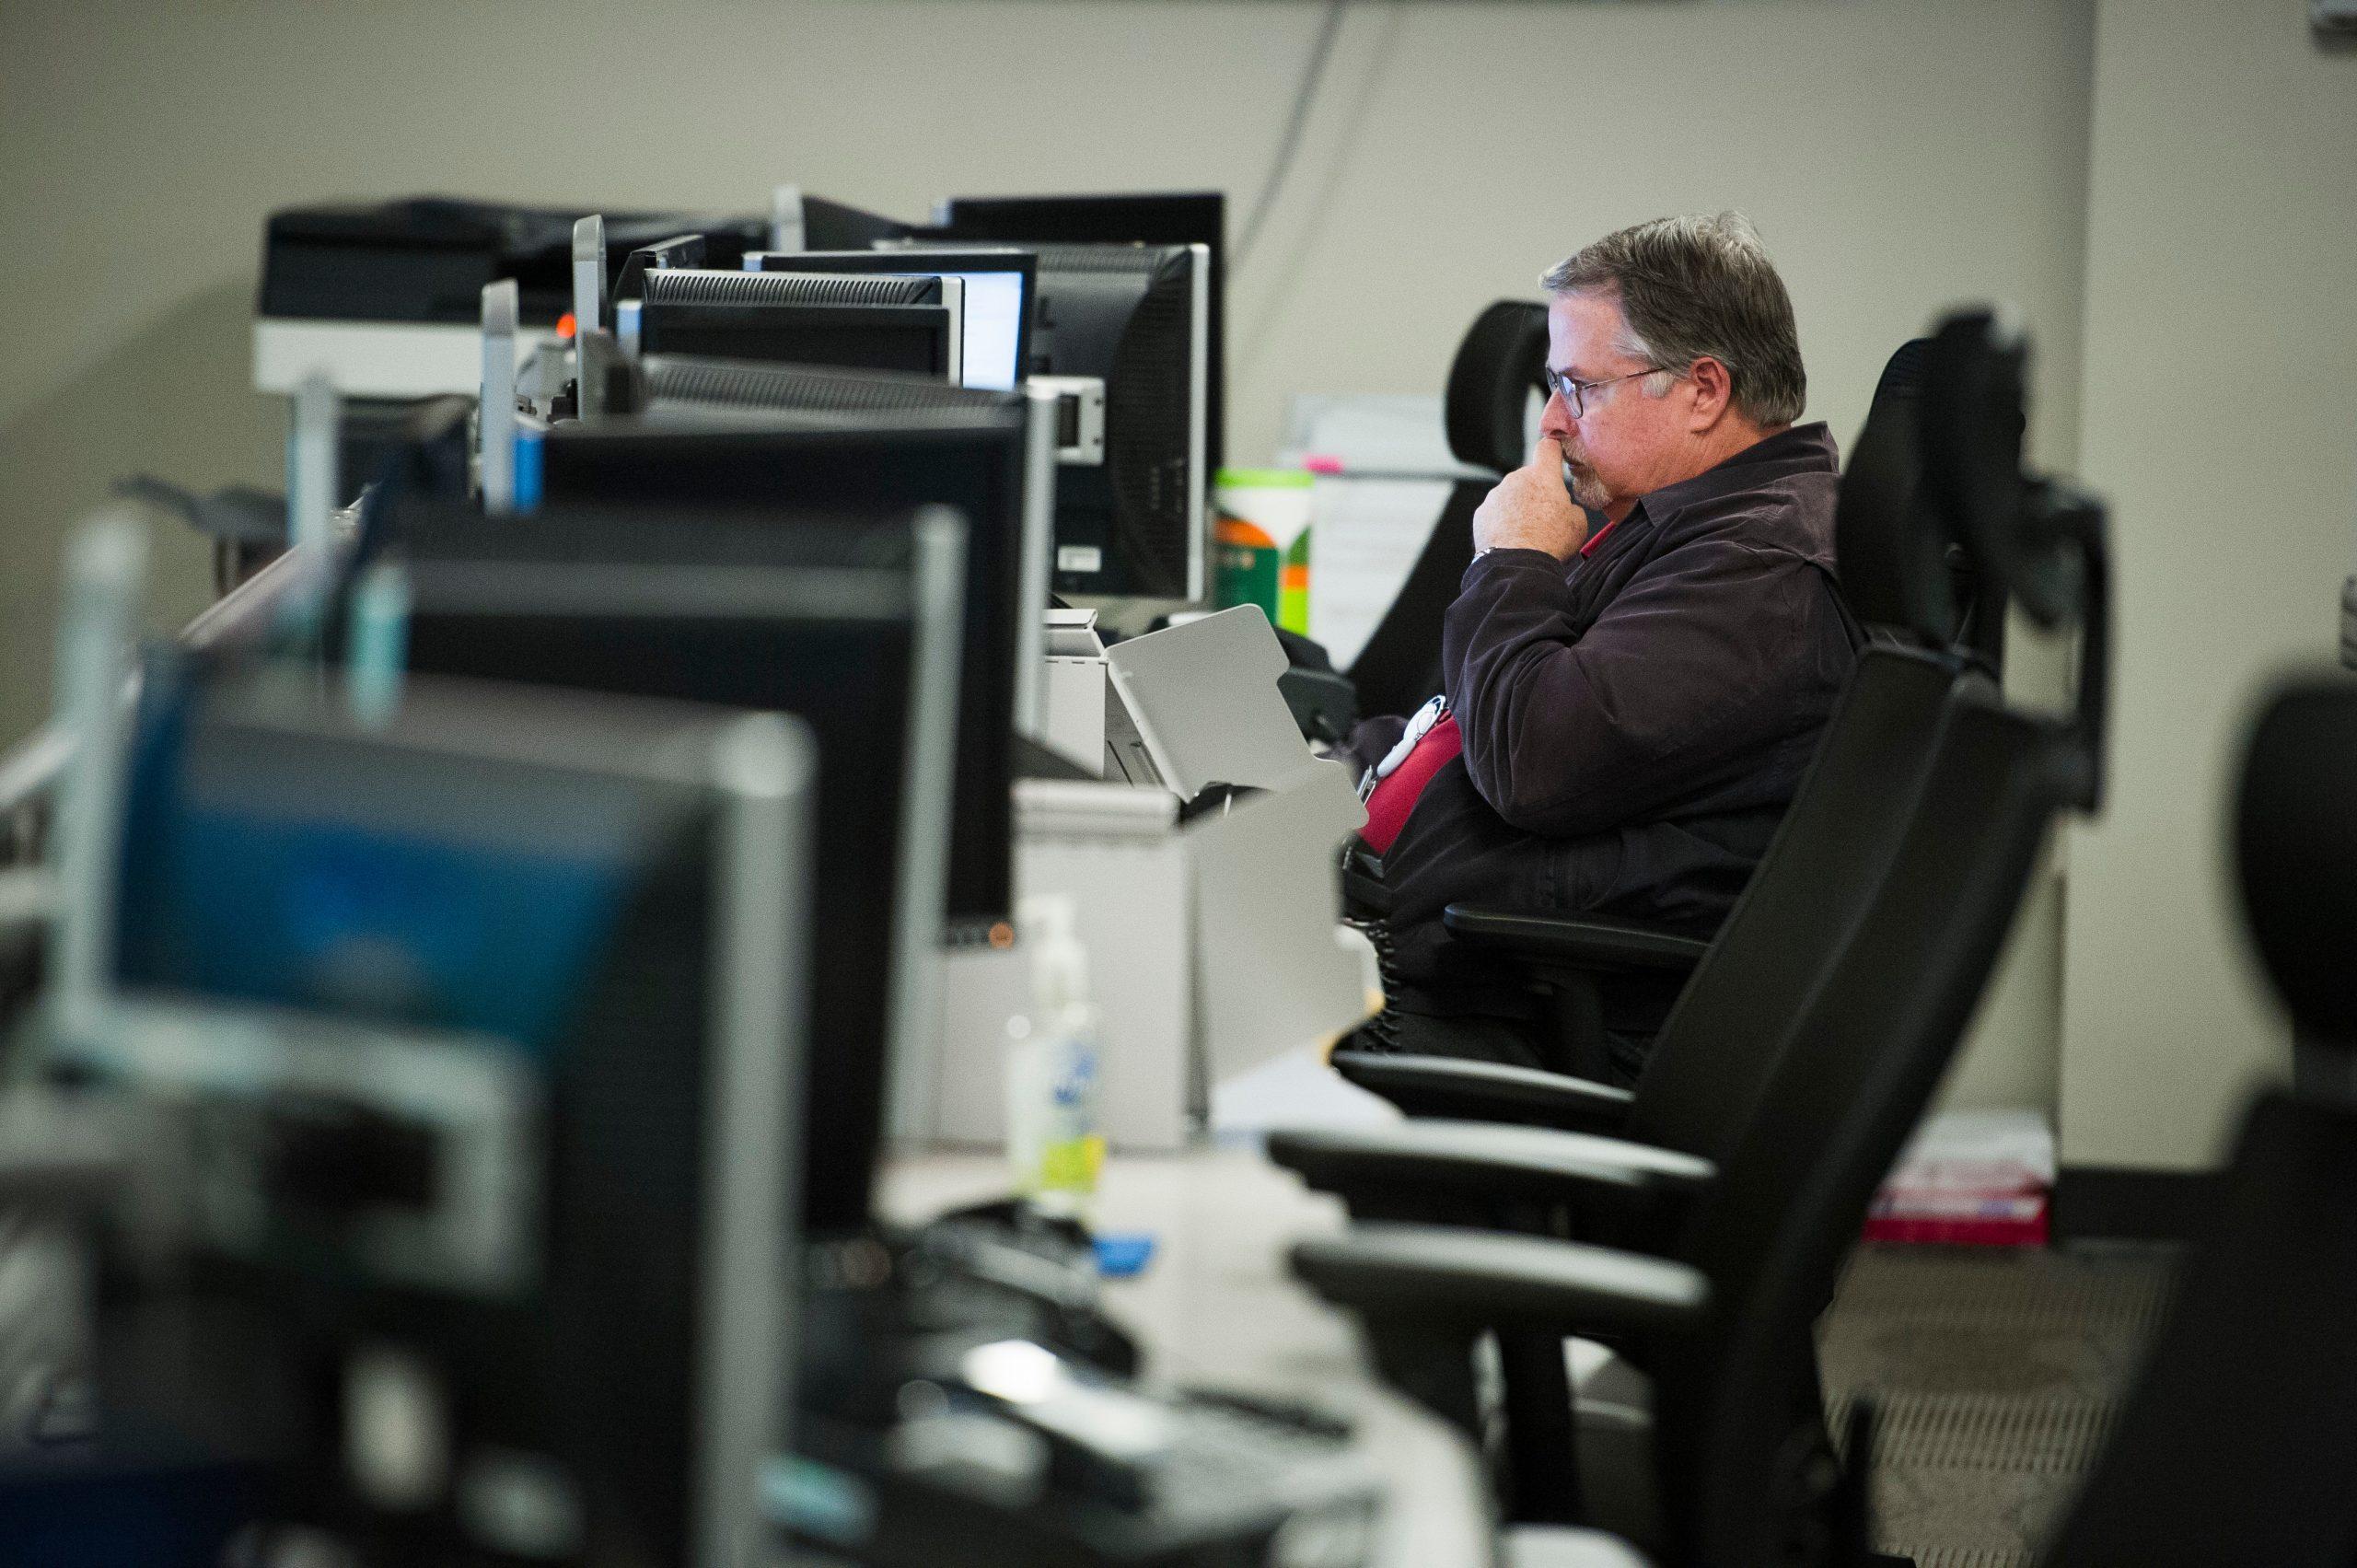 Orang Amerika Semakin Tidak Aktif, Sebagian Komputer Disalahkan | Voice of America